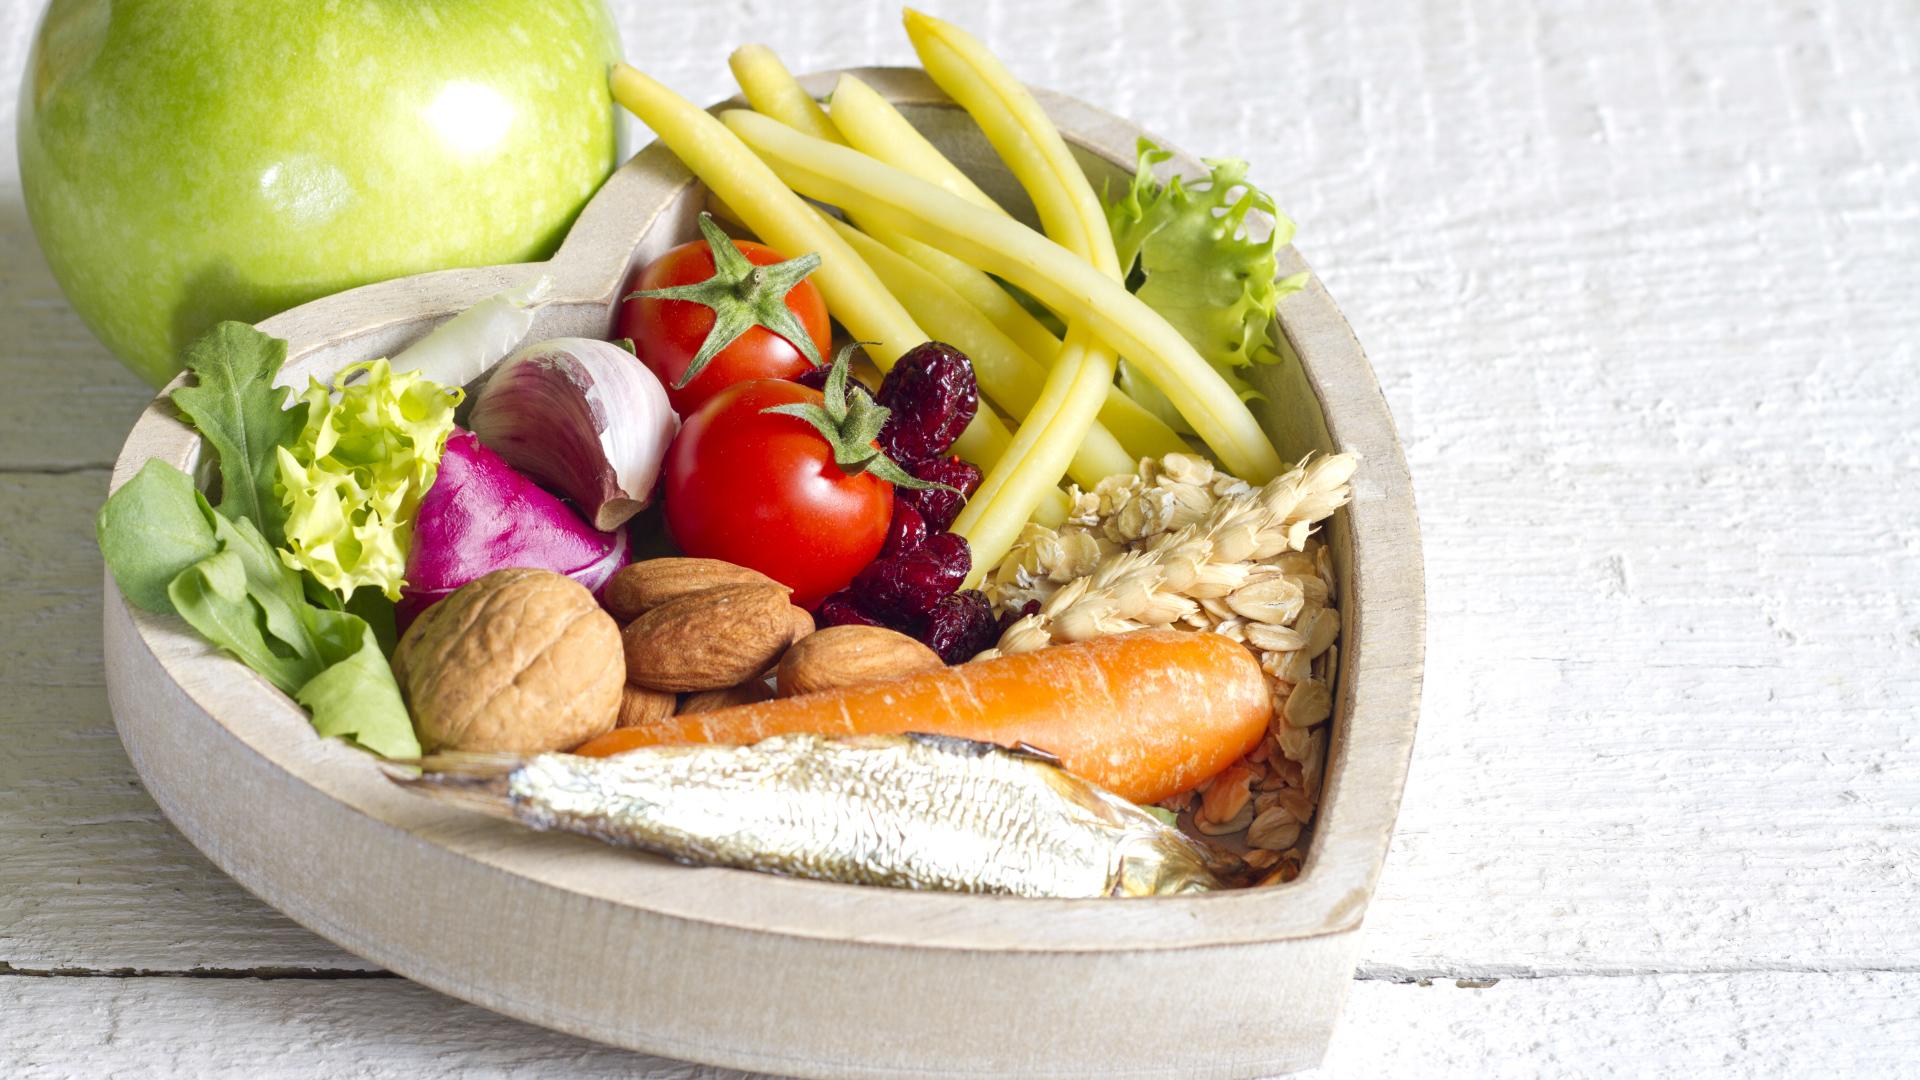 Dieta odchudzająca, która znacznie zwiększa ryzyko rozwoju cukrzycy typu 2